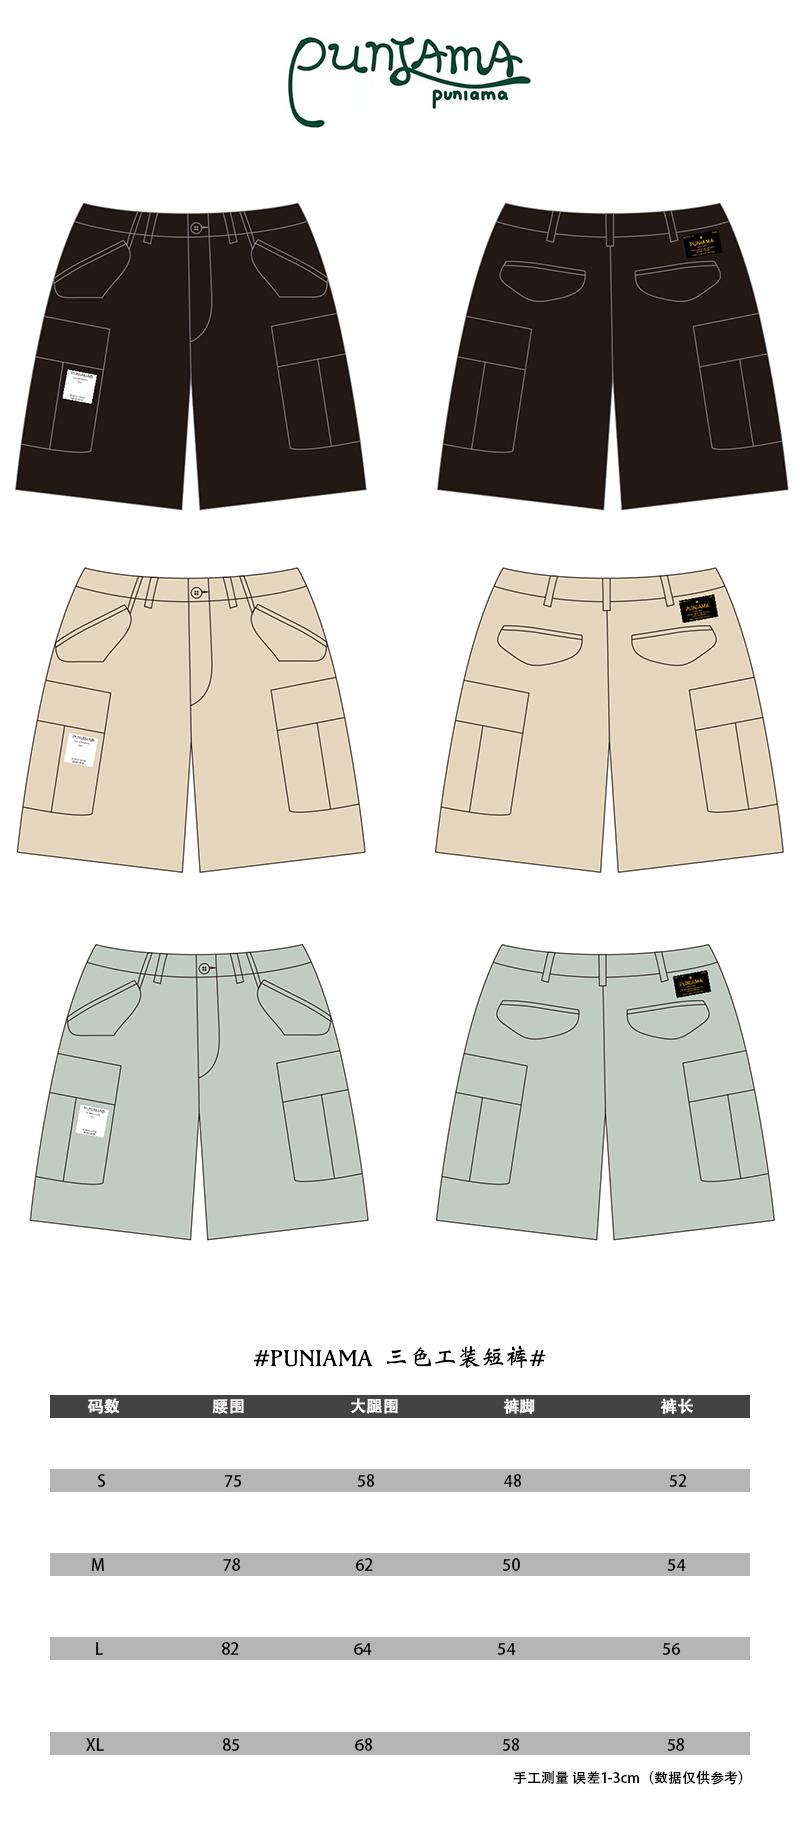 LKSTORE PUNIAMA19SS dụng cụ cắt ba chiều ba màu retro nam và nữ lỏng lẻo quần short năm điểm - Quần short